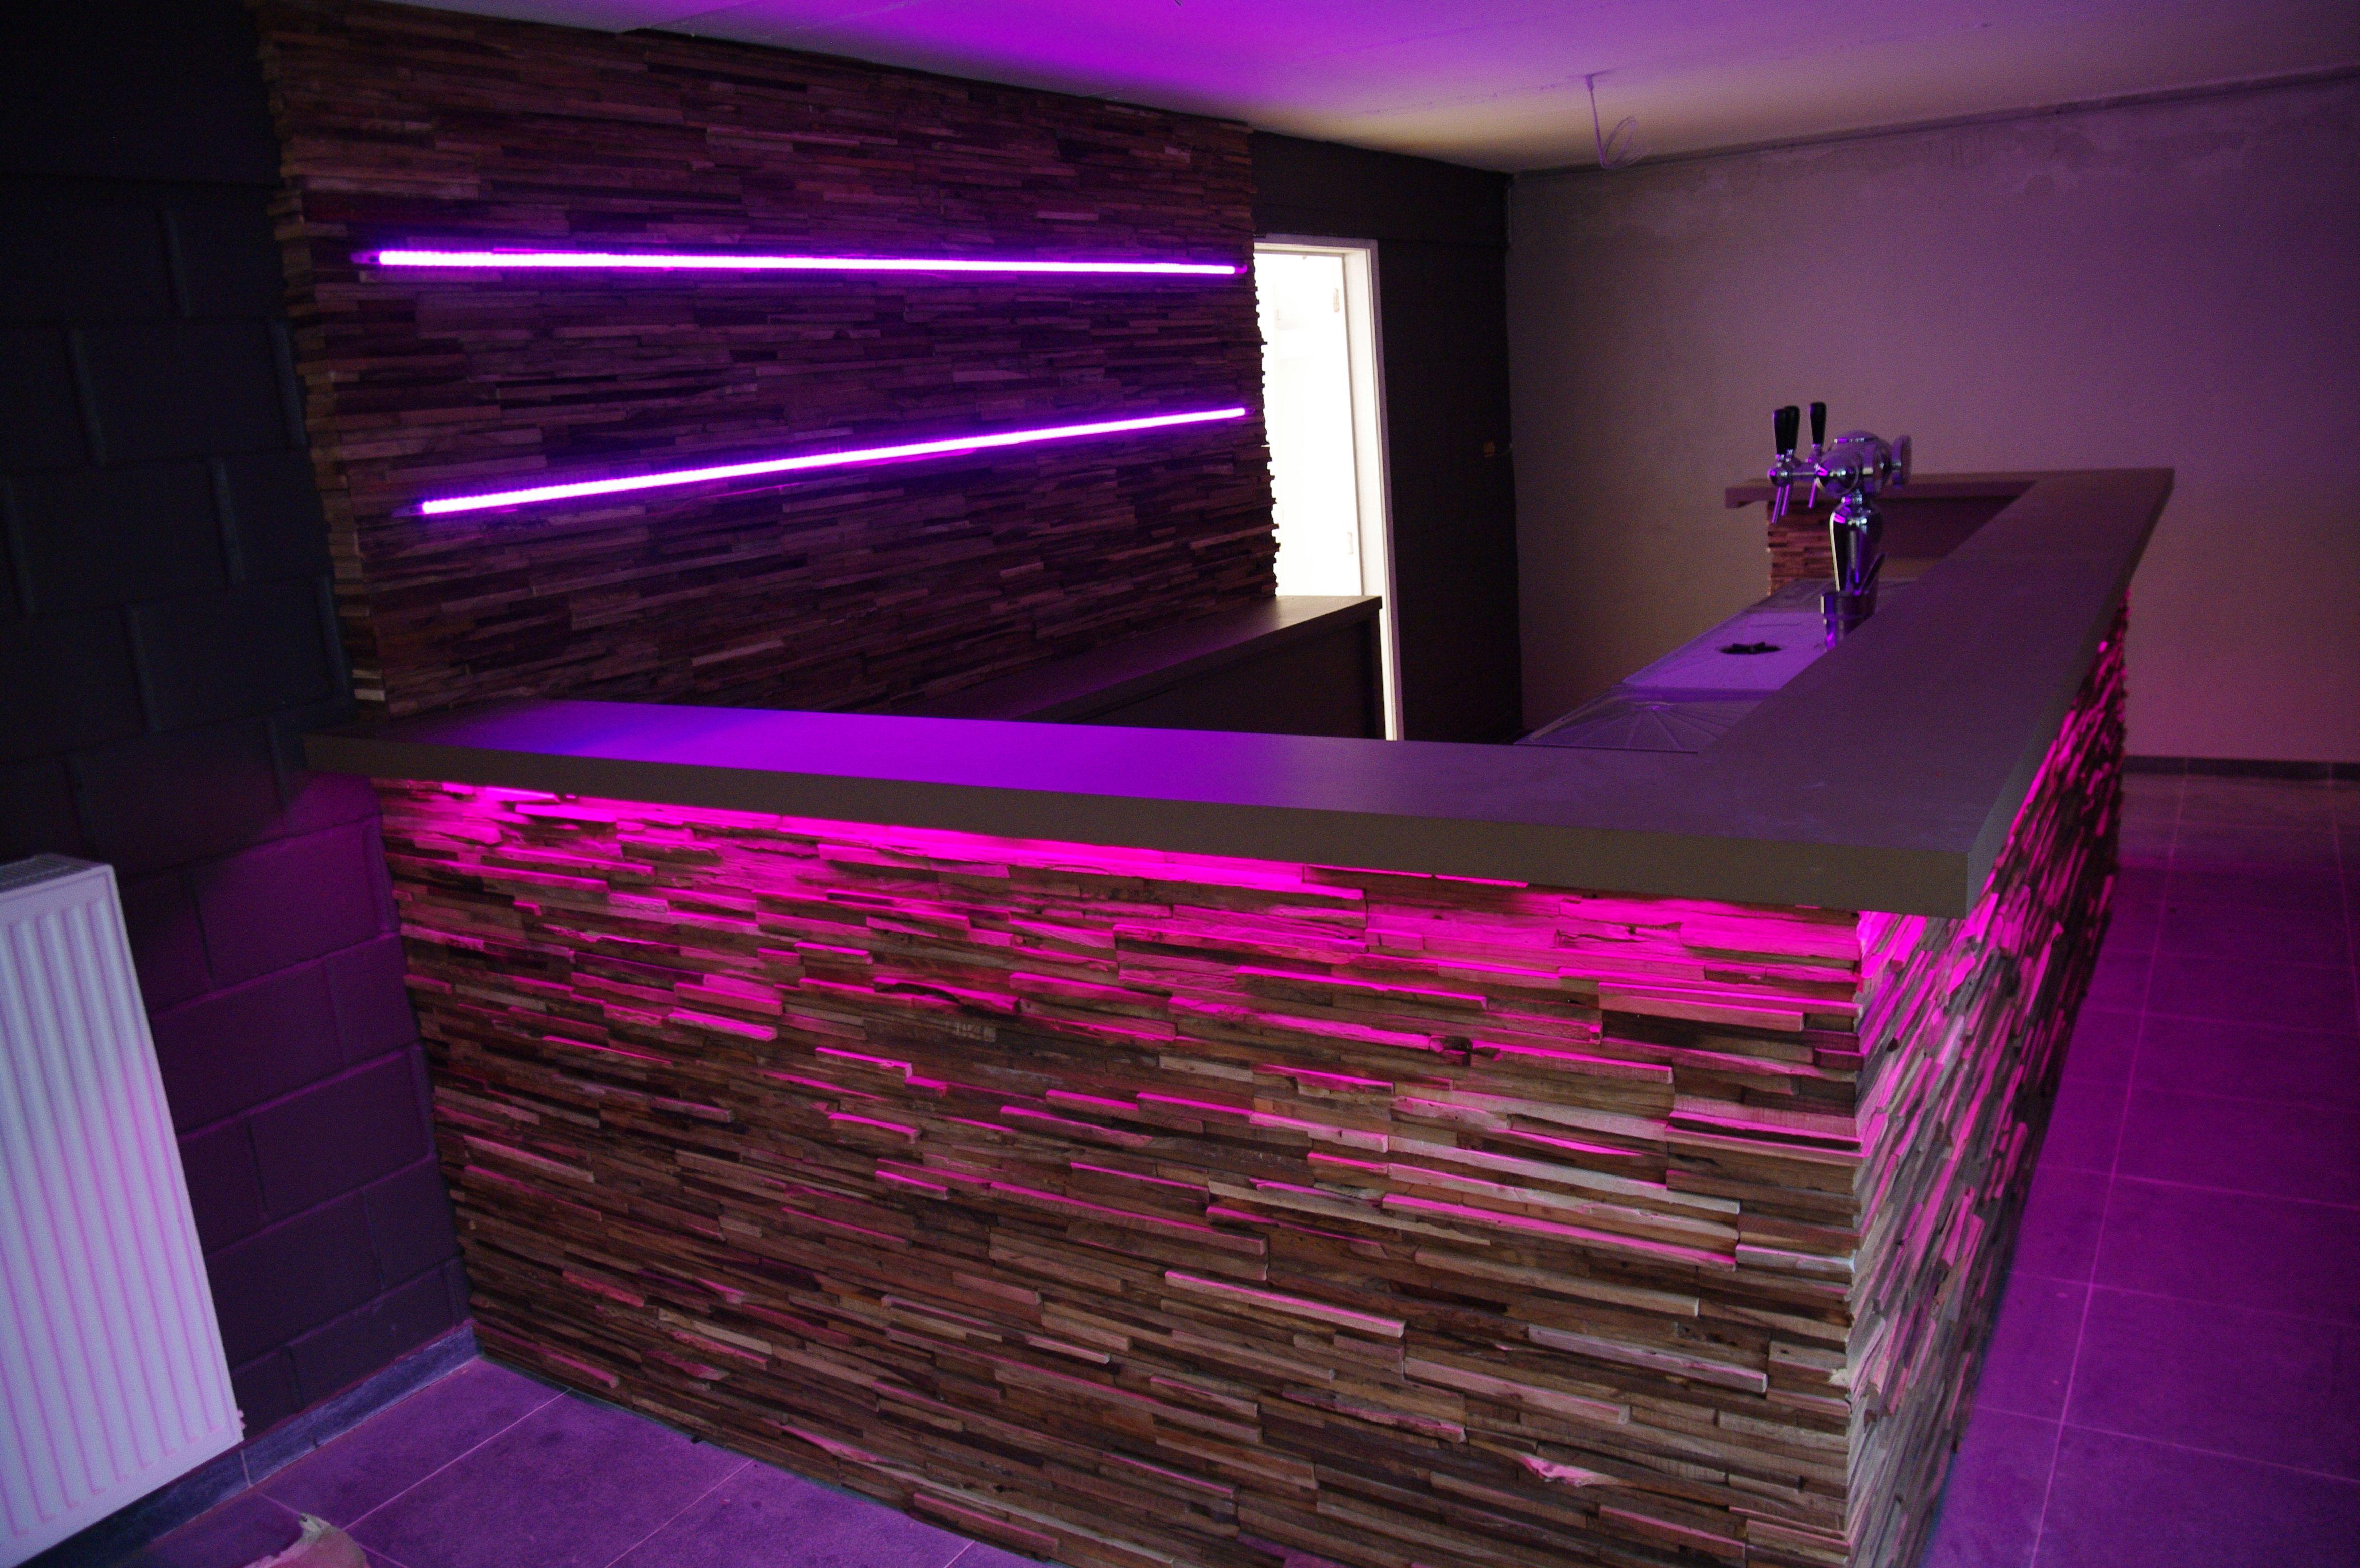 Trend Deze design bar in hout met led verlichting is n van onze realisaties Wens je